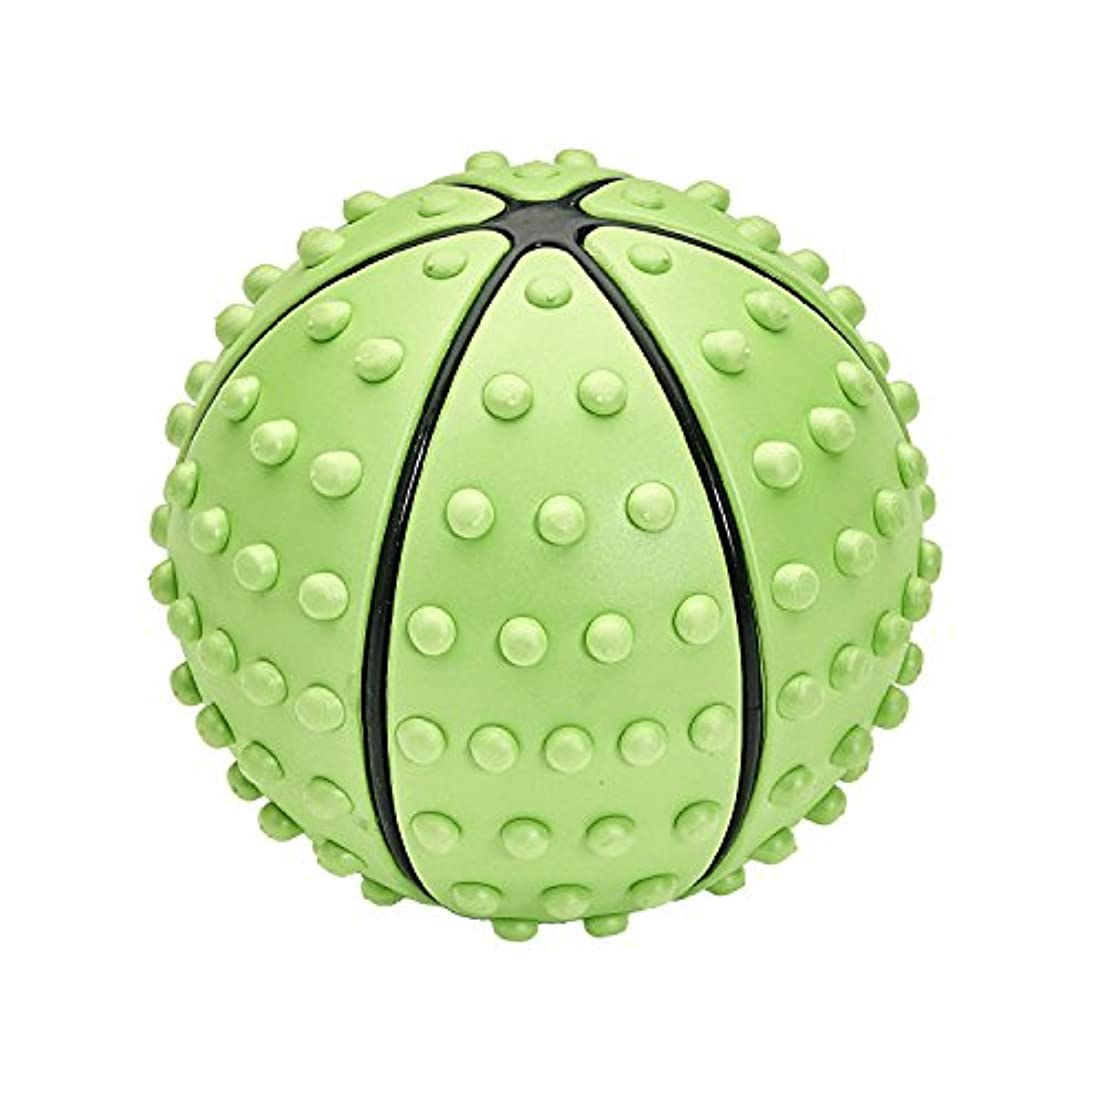 時々不適会計士IRONMAN CLUB(鉄人倶楽部) 指圧 ストレッチ ボール KW-900 リフレッシュ トレーニング こりほぐし